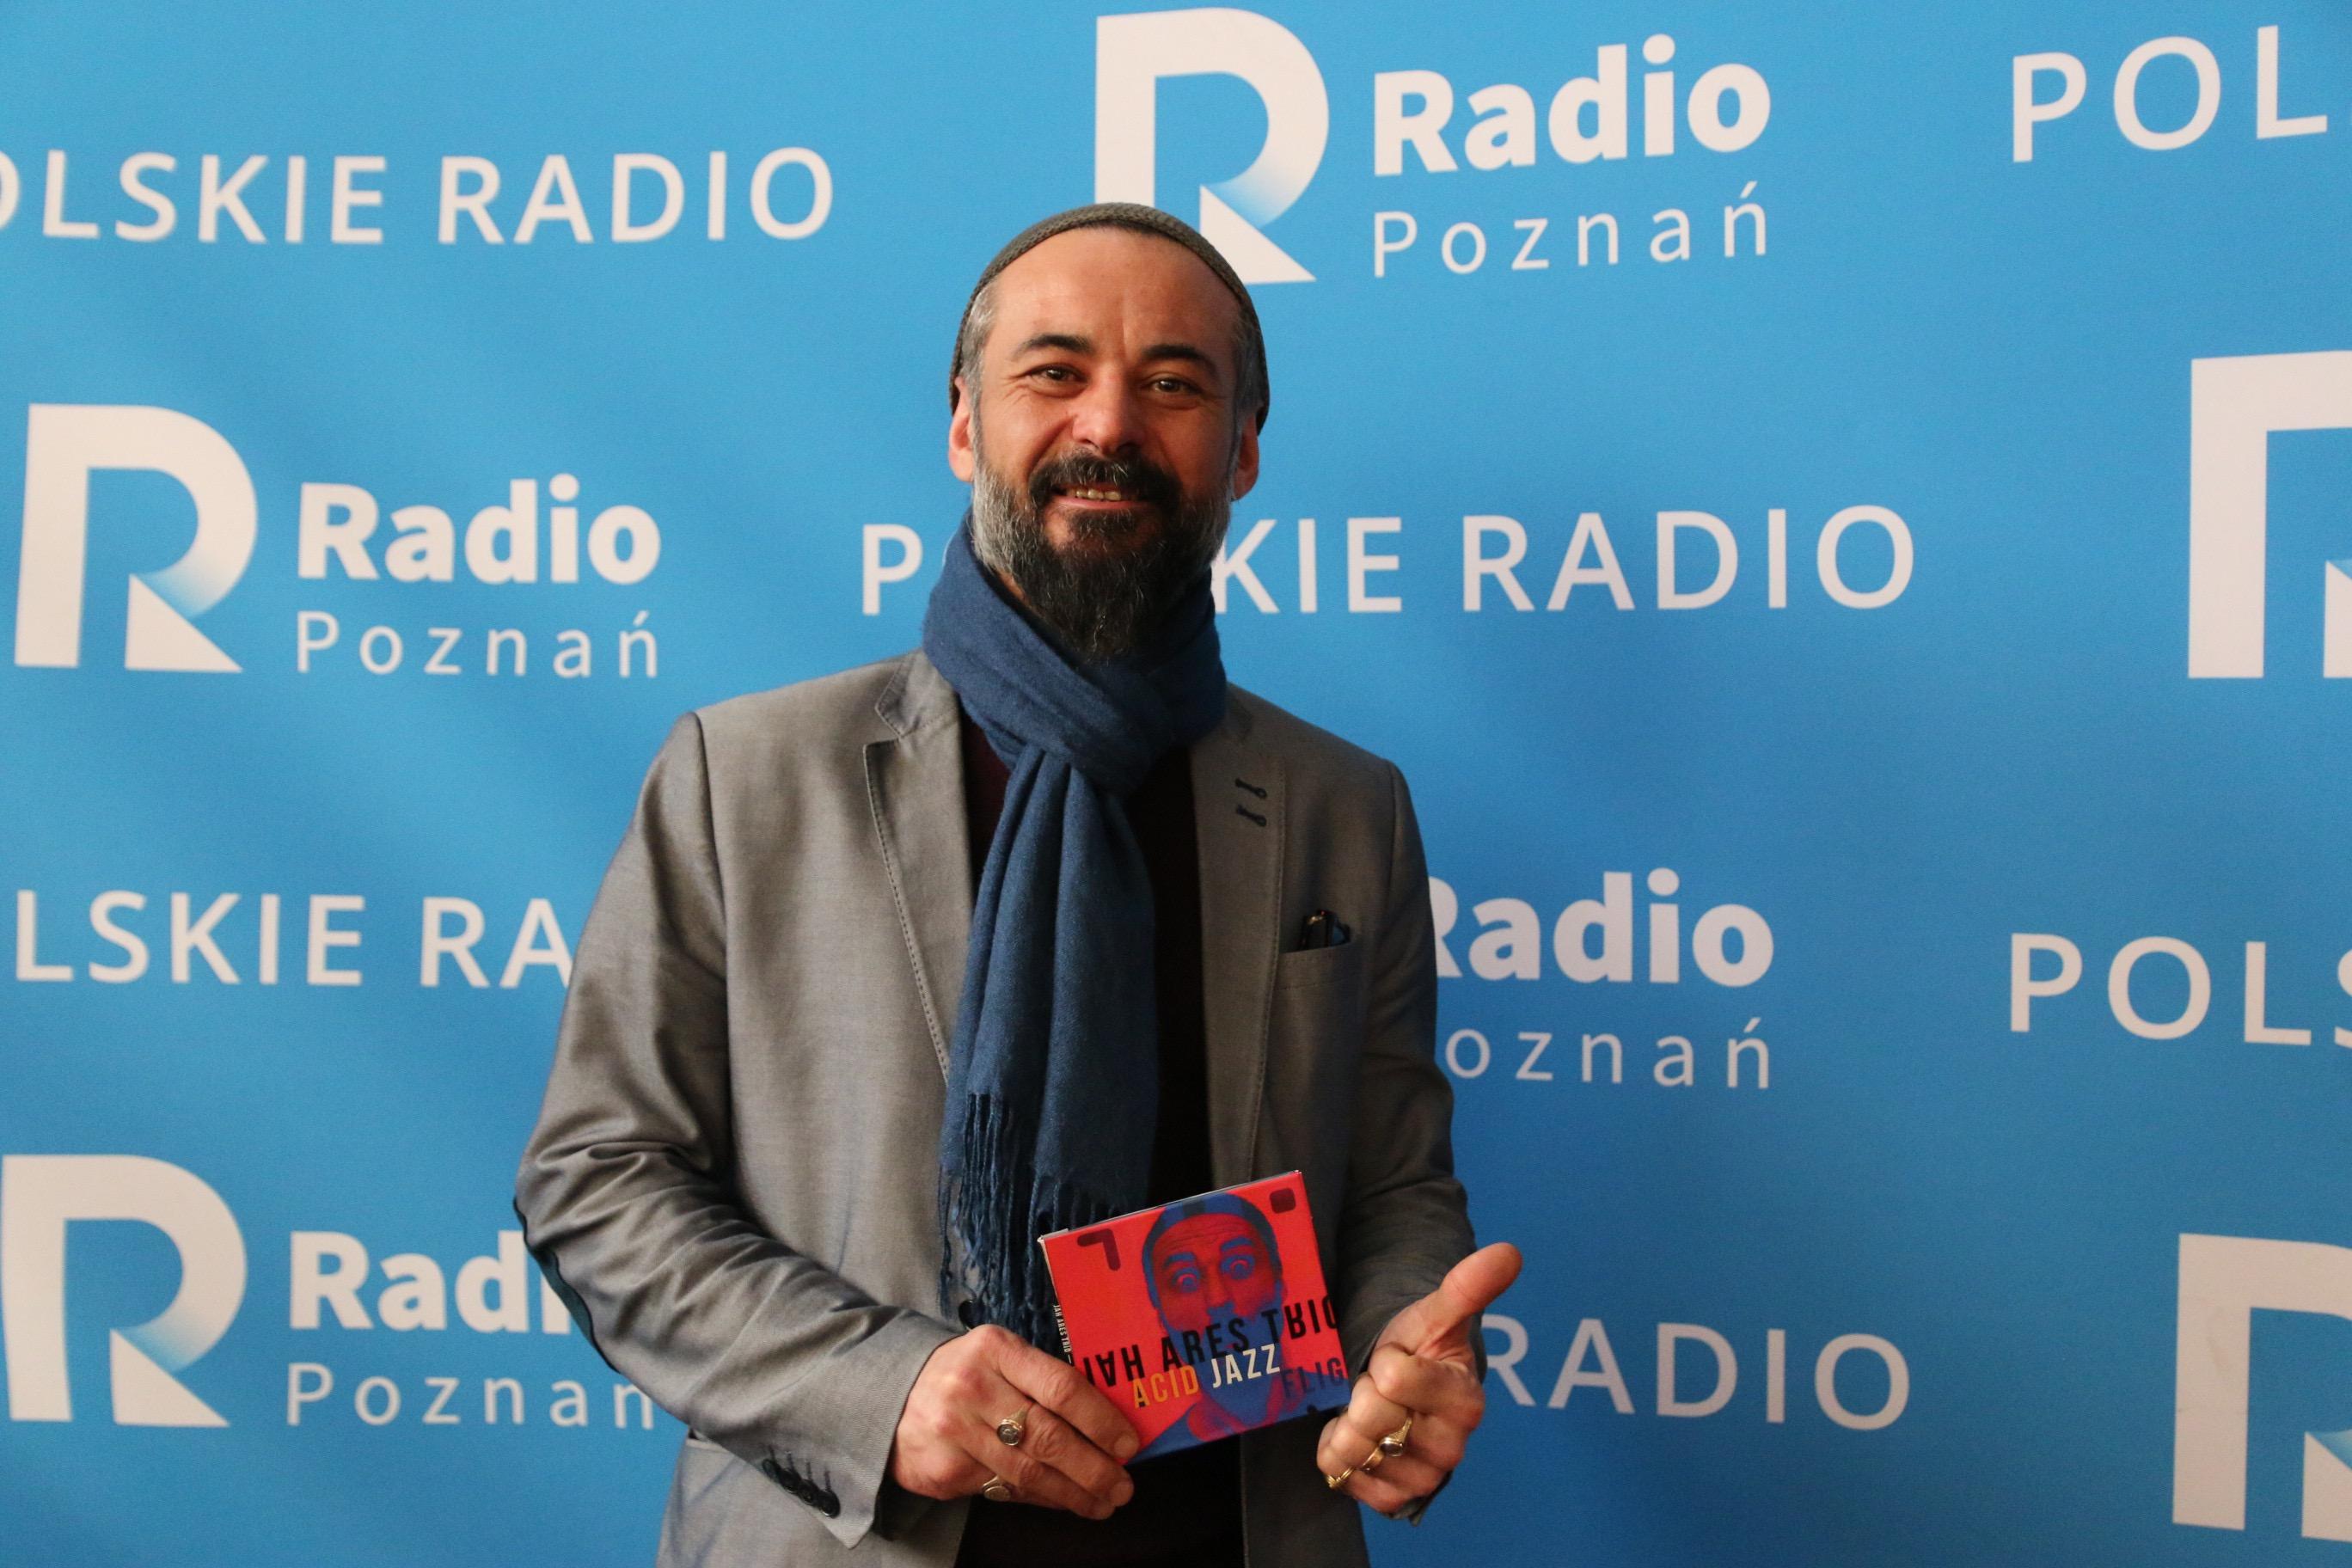 Jah Ares Trio - Hubert Jach - Radio Poznań